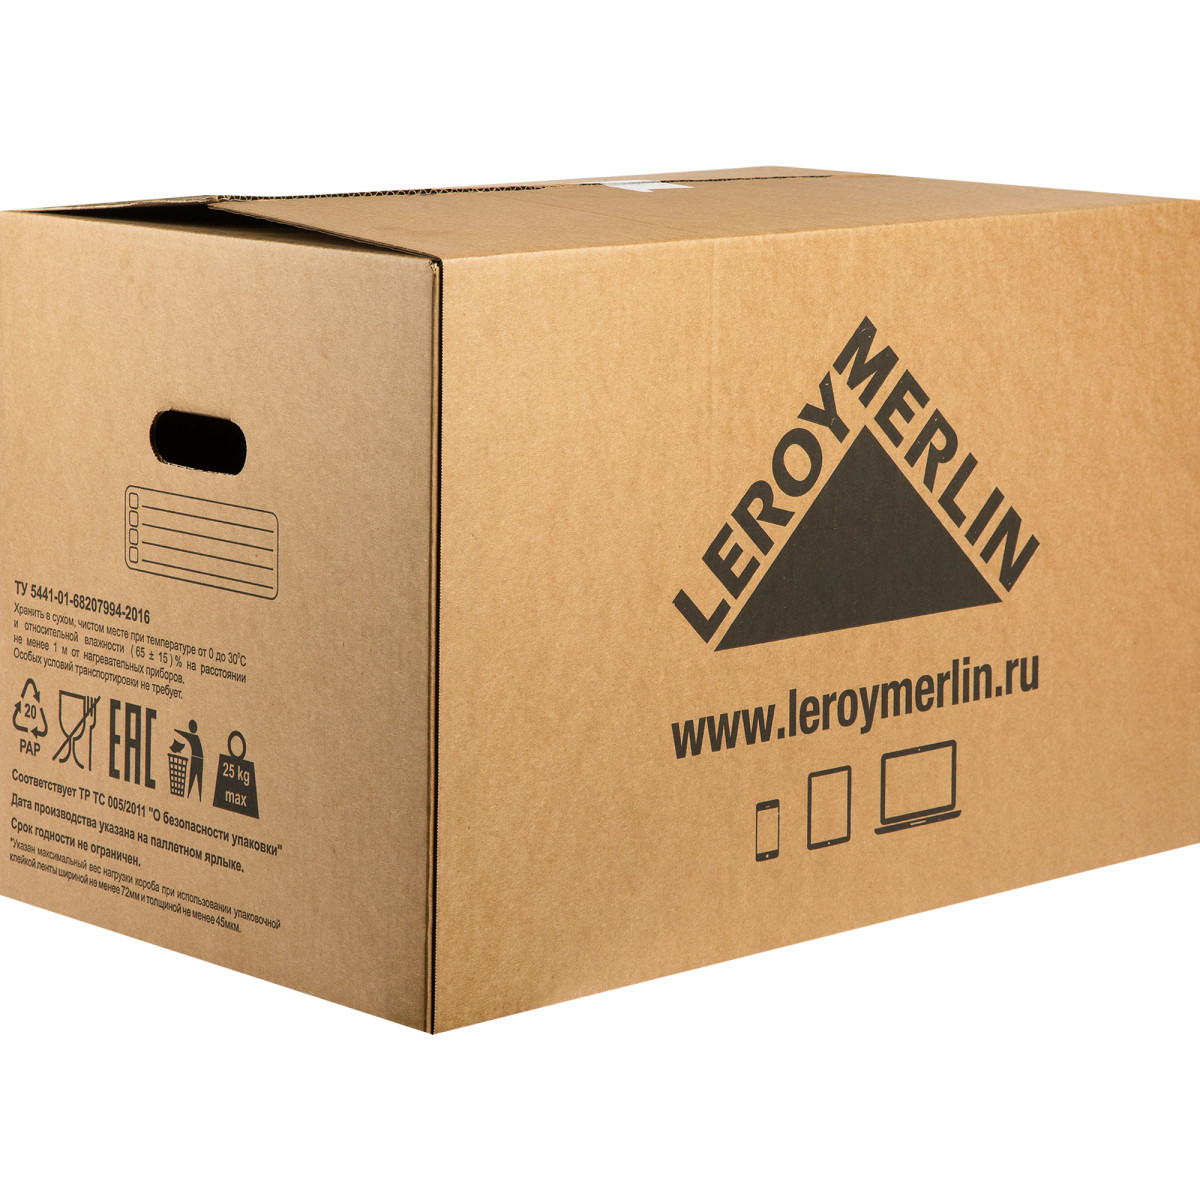 Коробка для переезда усиленная 60х40х40 см картон